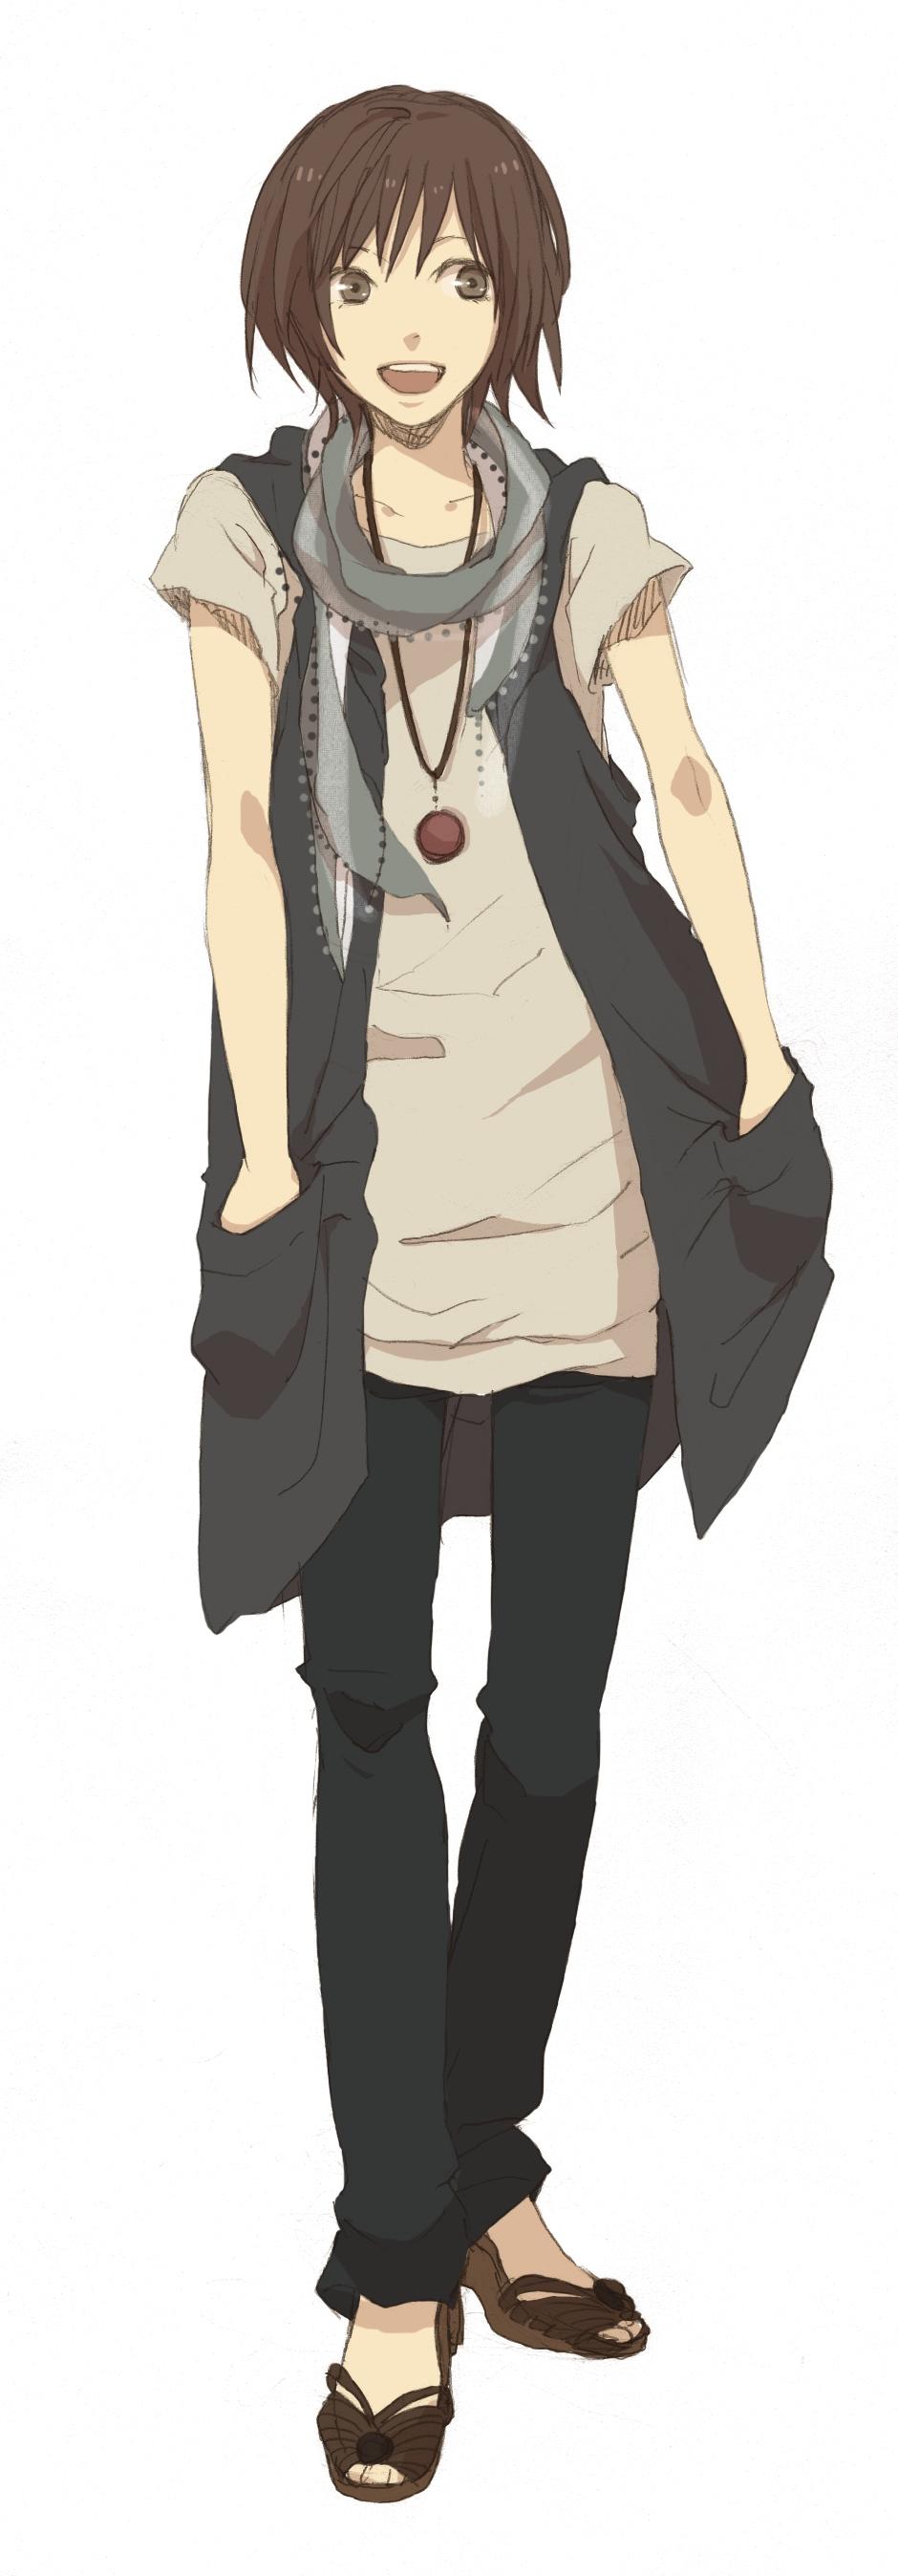 Nagita/#572442 - Zerochan